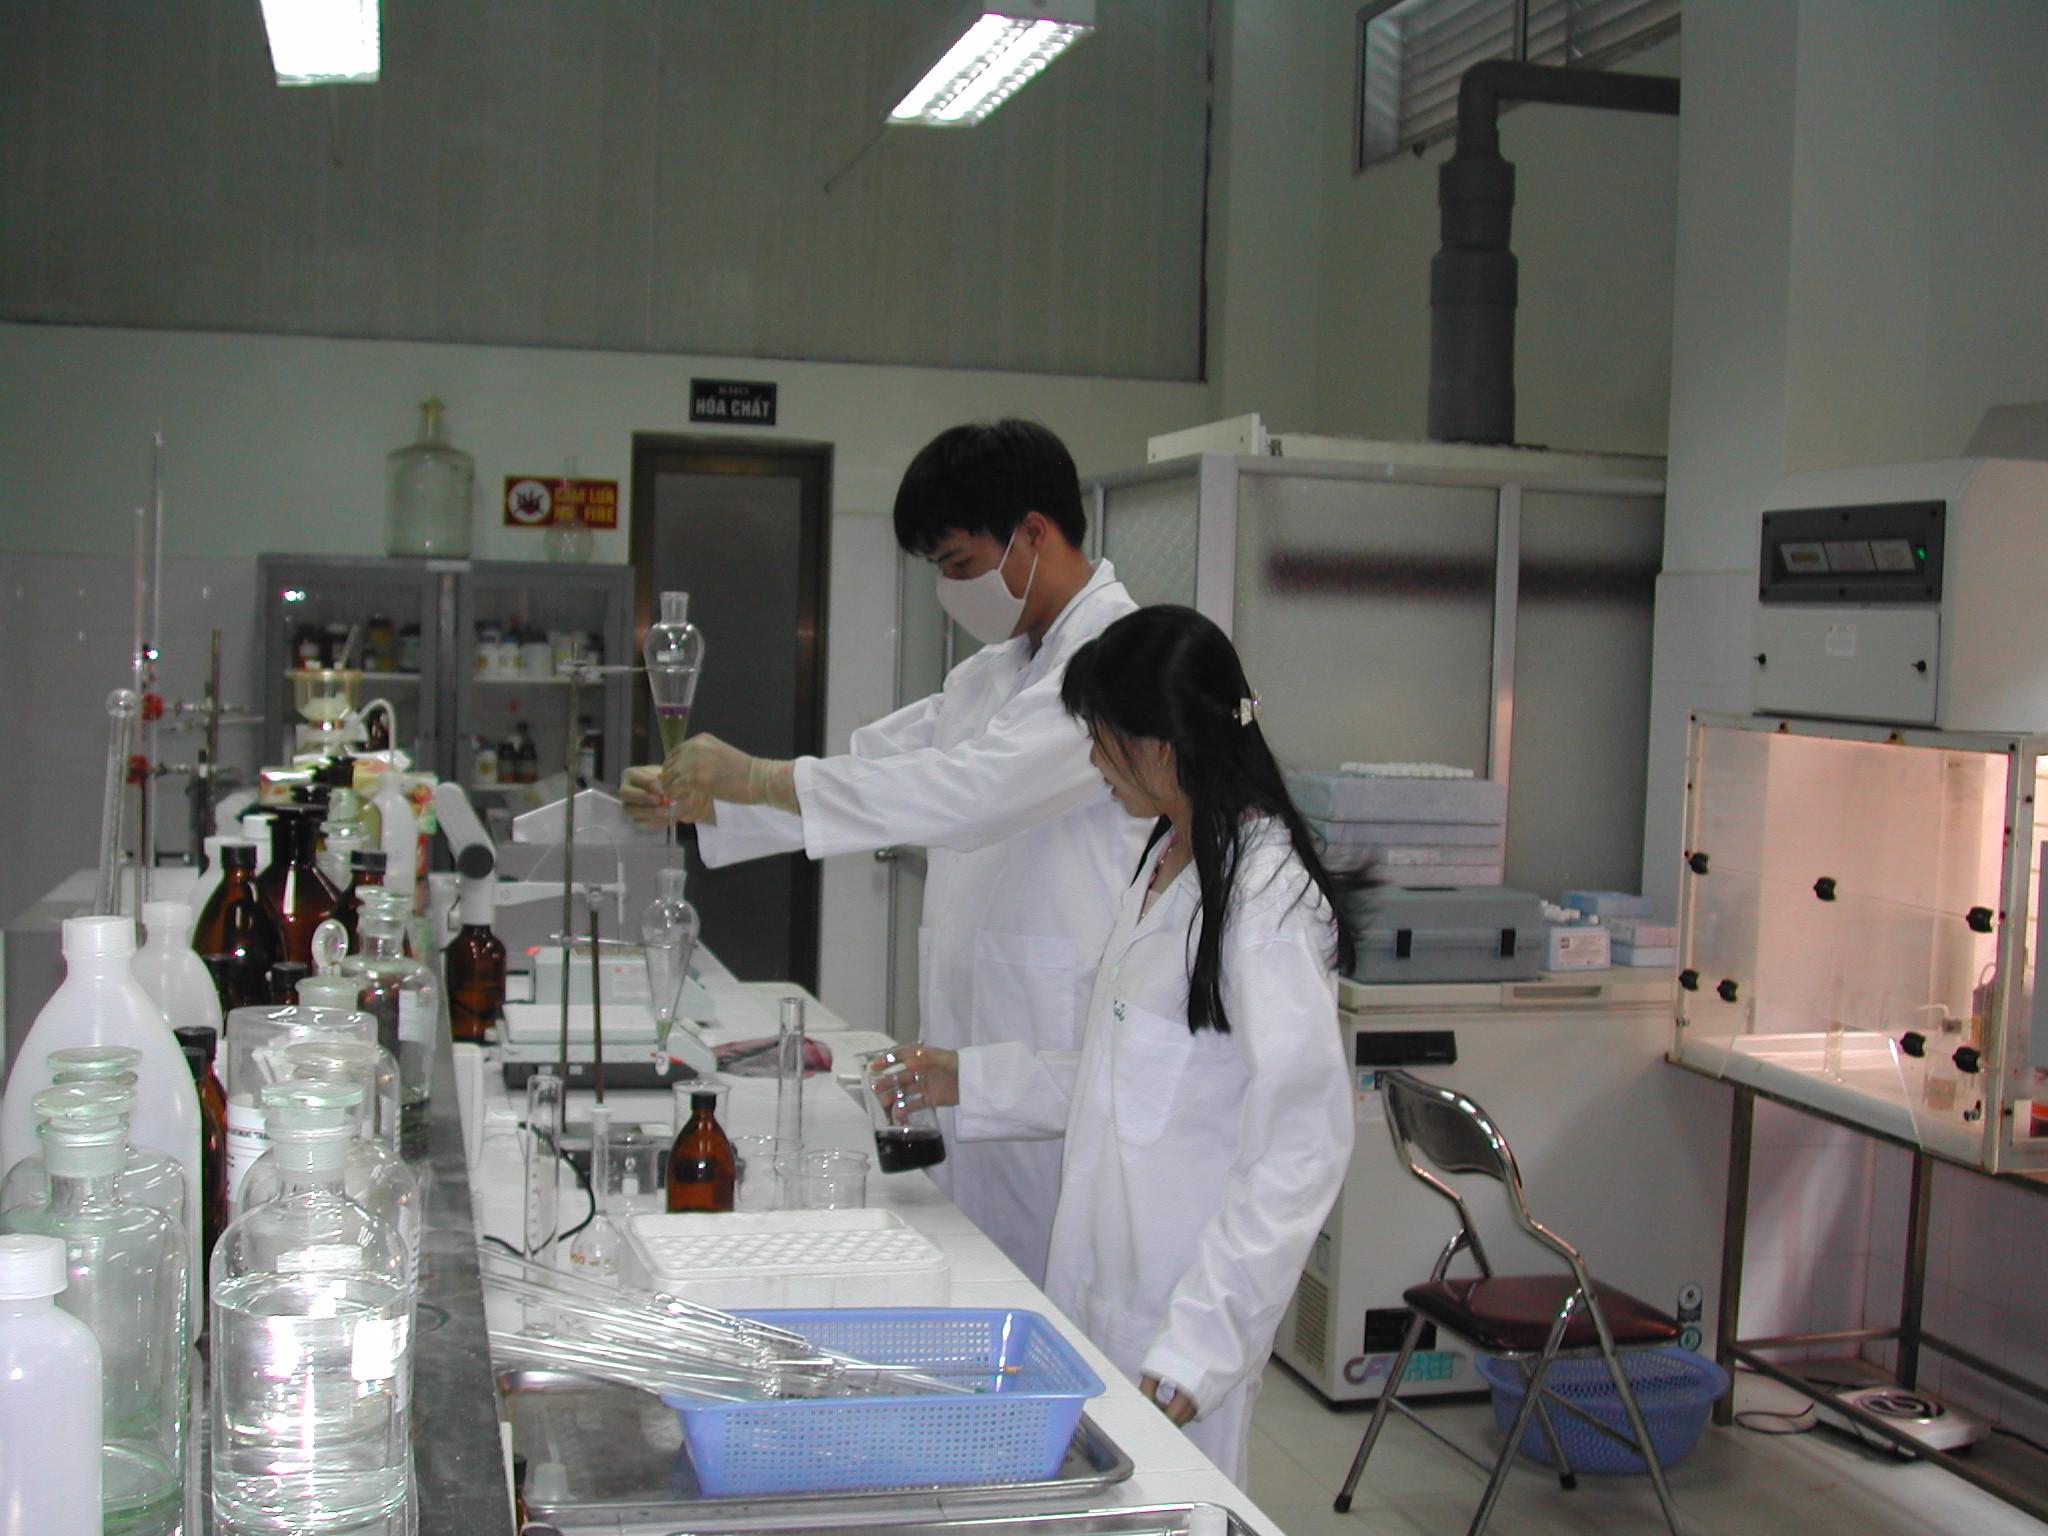 xử lý nước thải phòng thí nghiệm cần tìm kiếm hướng khắc phục